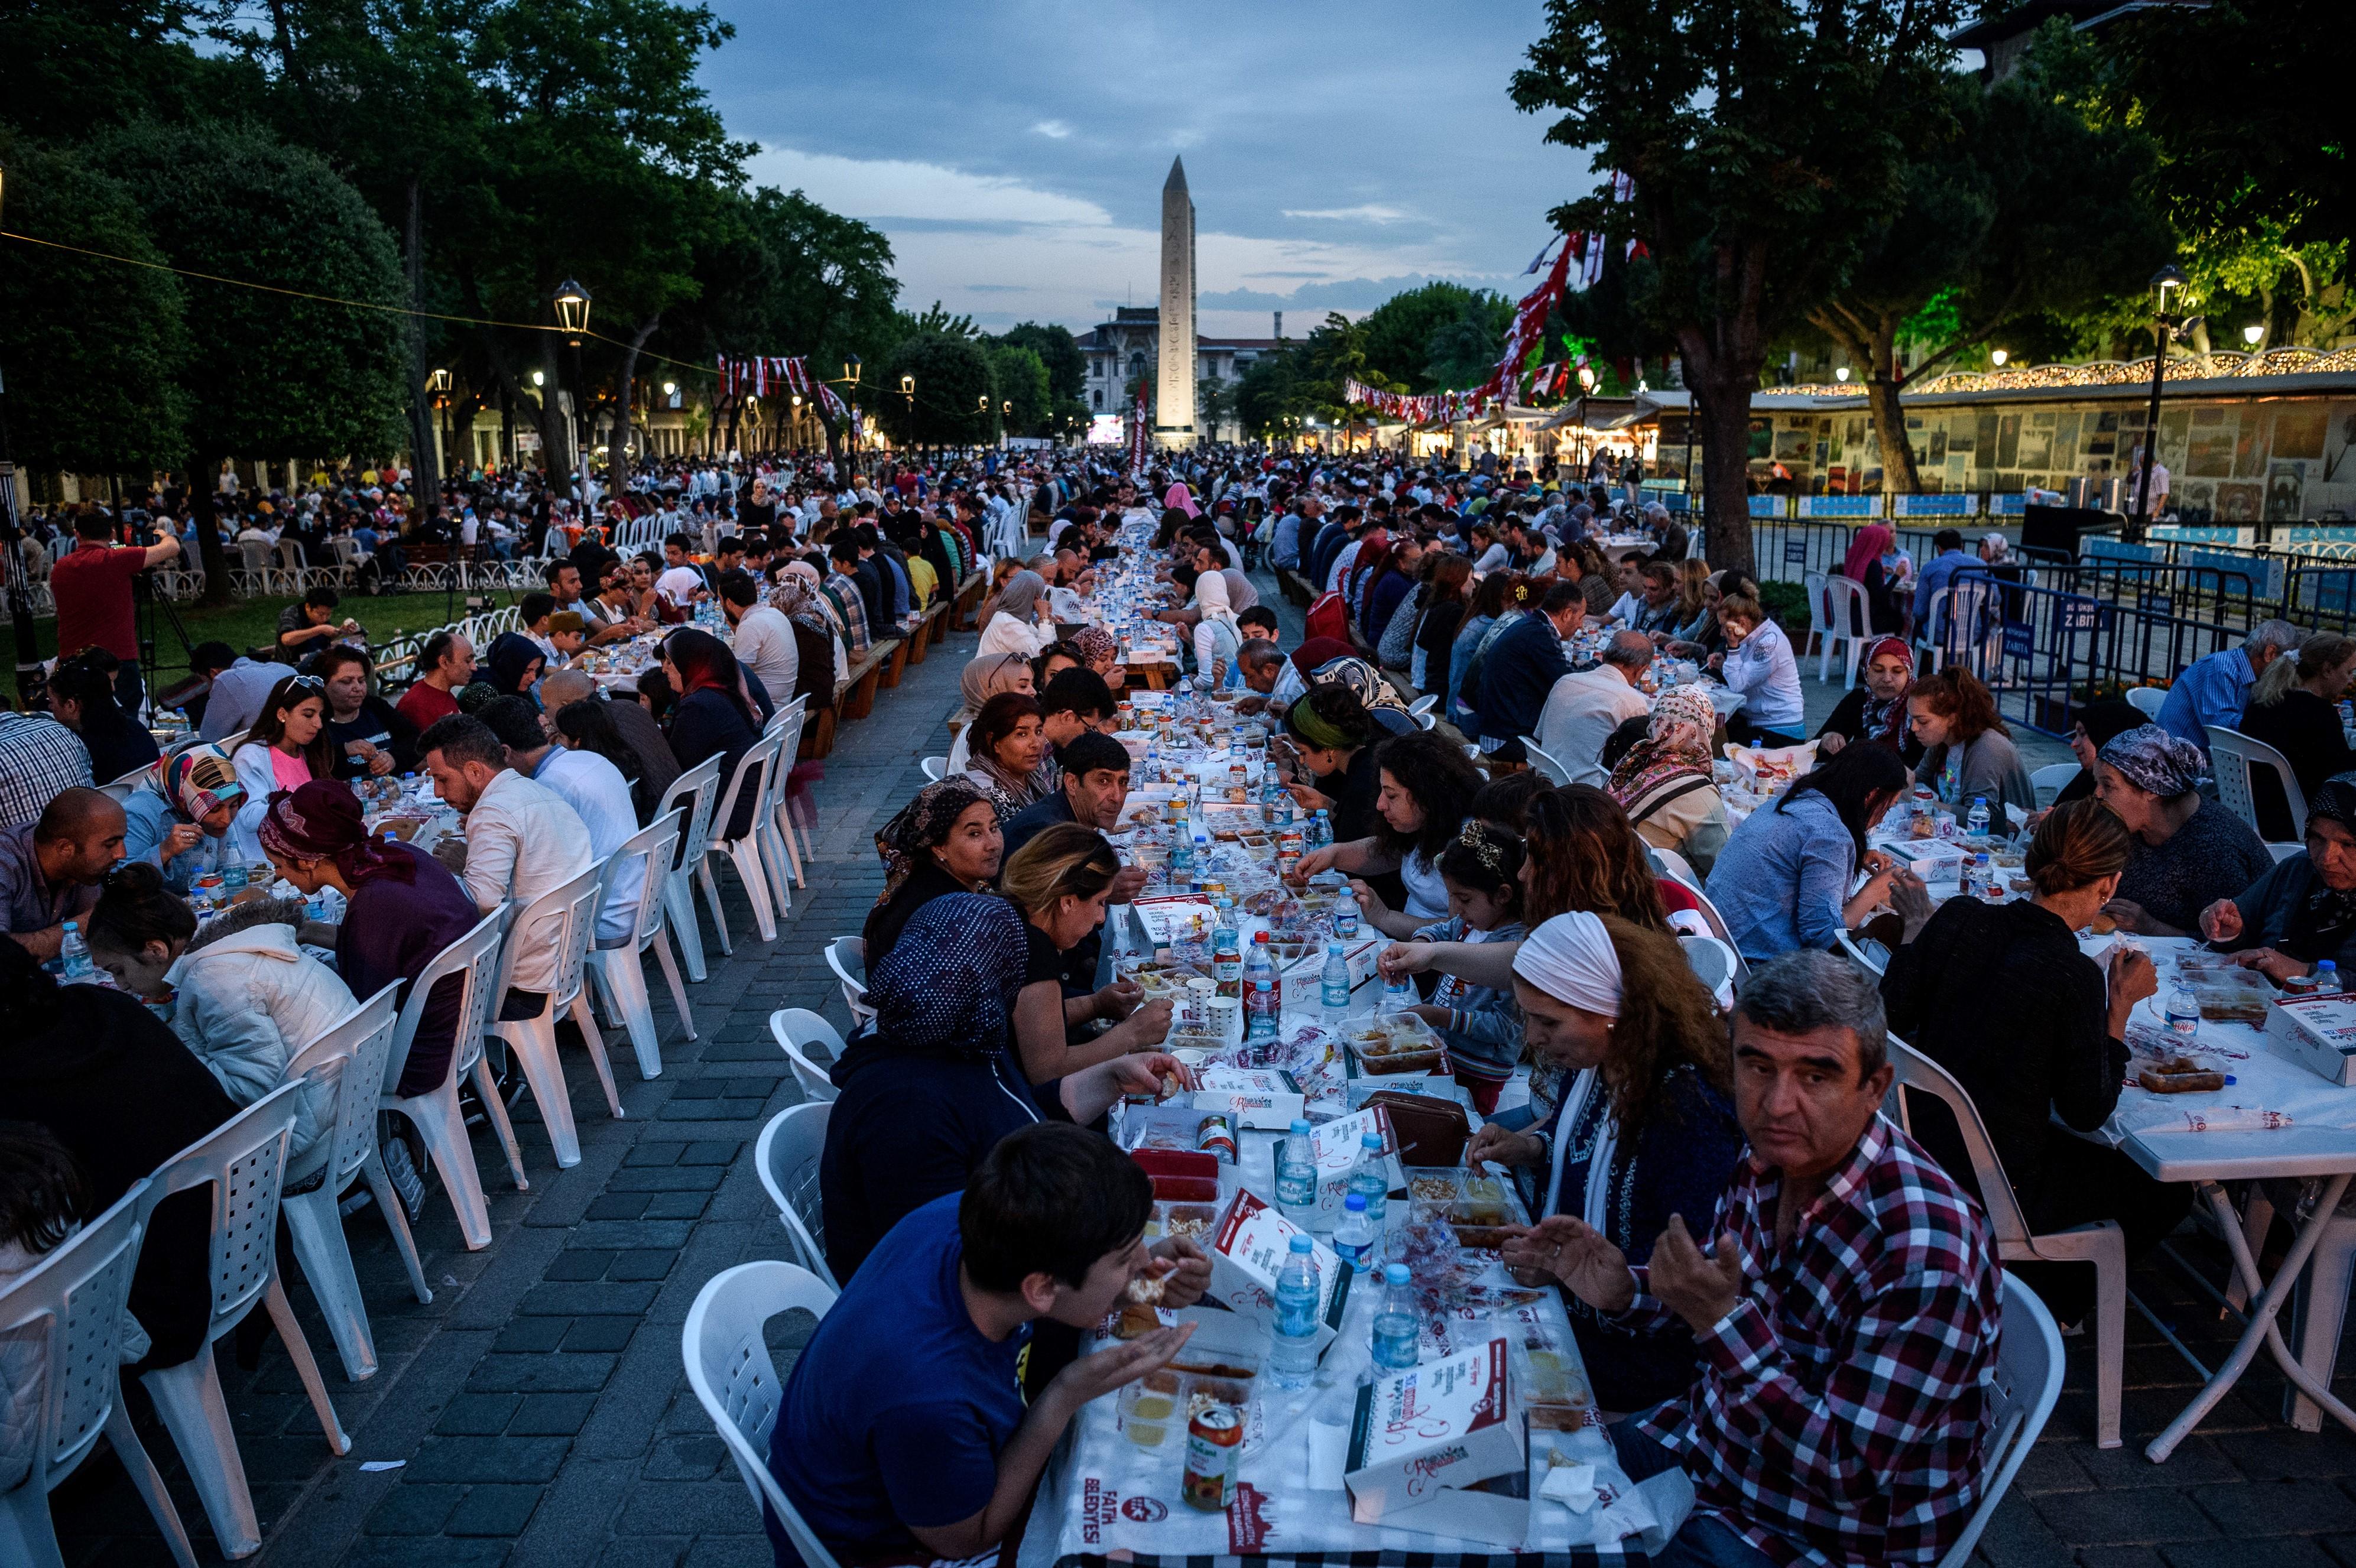 أتراك يتناولون وجبة الإفطار في باحة أحد مساجد اسطنبول